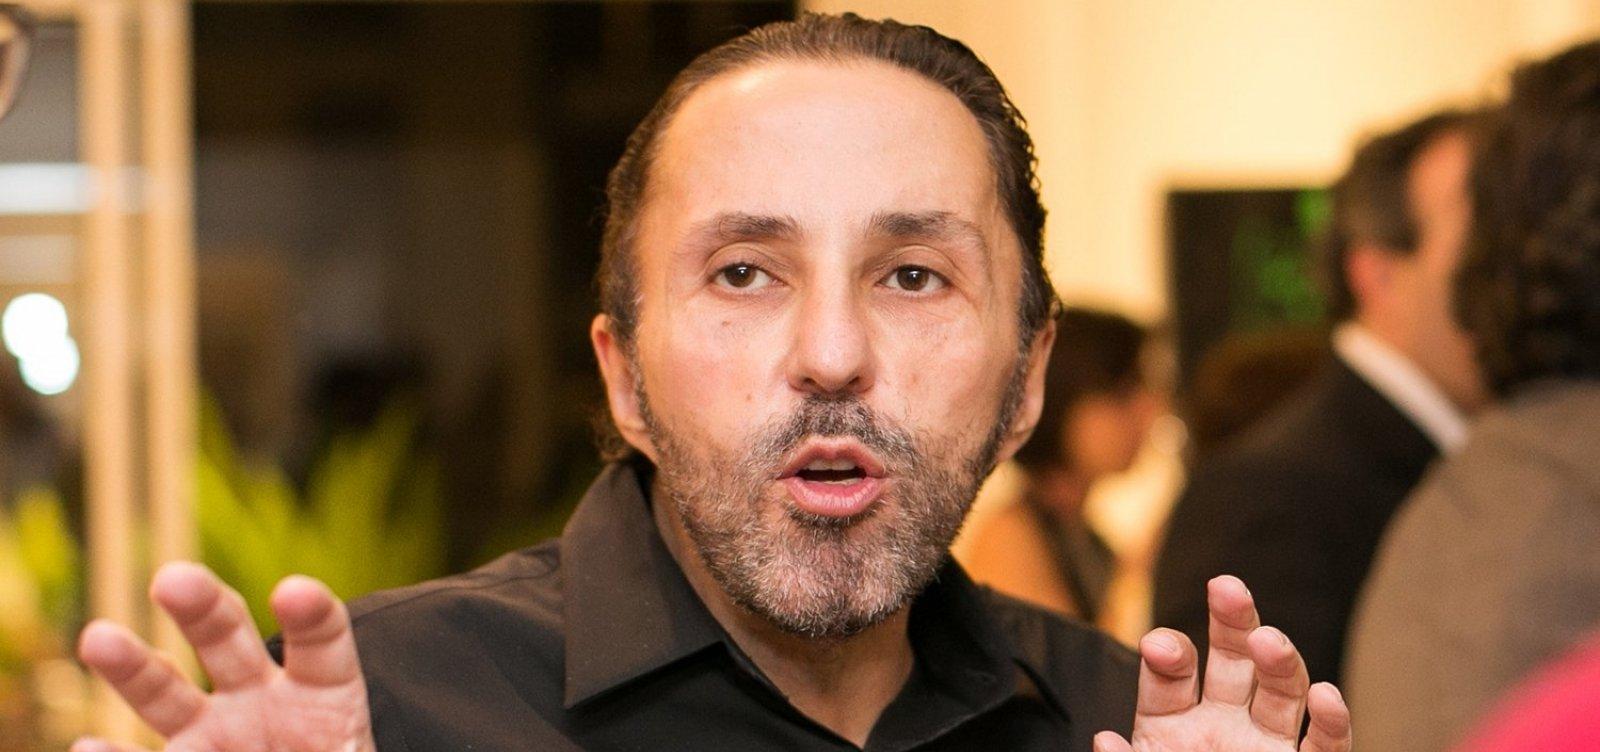 [Ex-marqueteiro do PT admite entregar propina a ex-presidente da Petros]